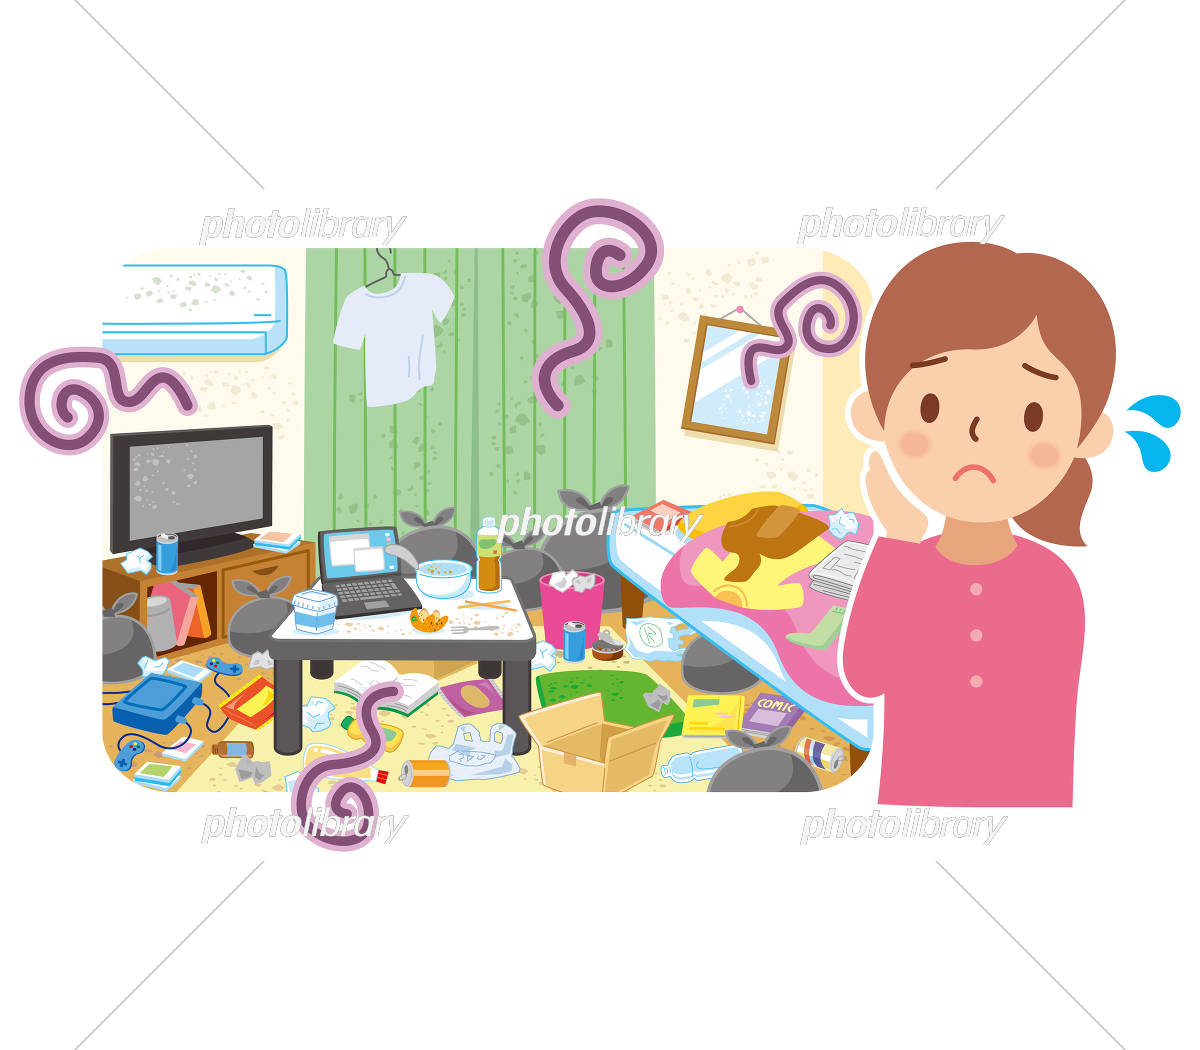 汚れた部屋と困る女性 イラスト素材 5844242 フォトライブラリー